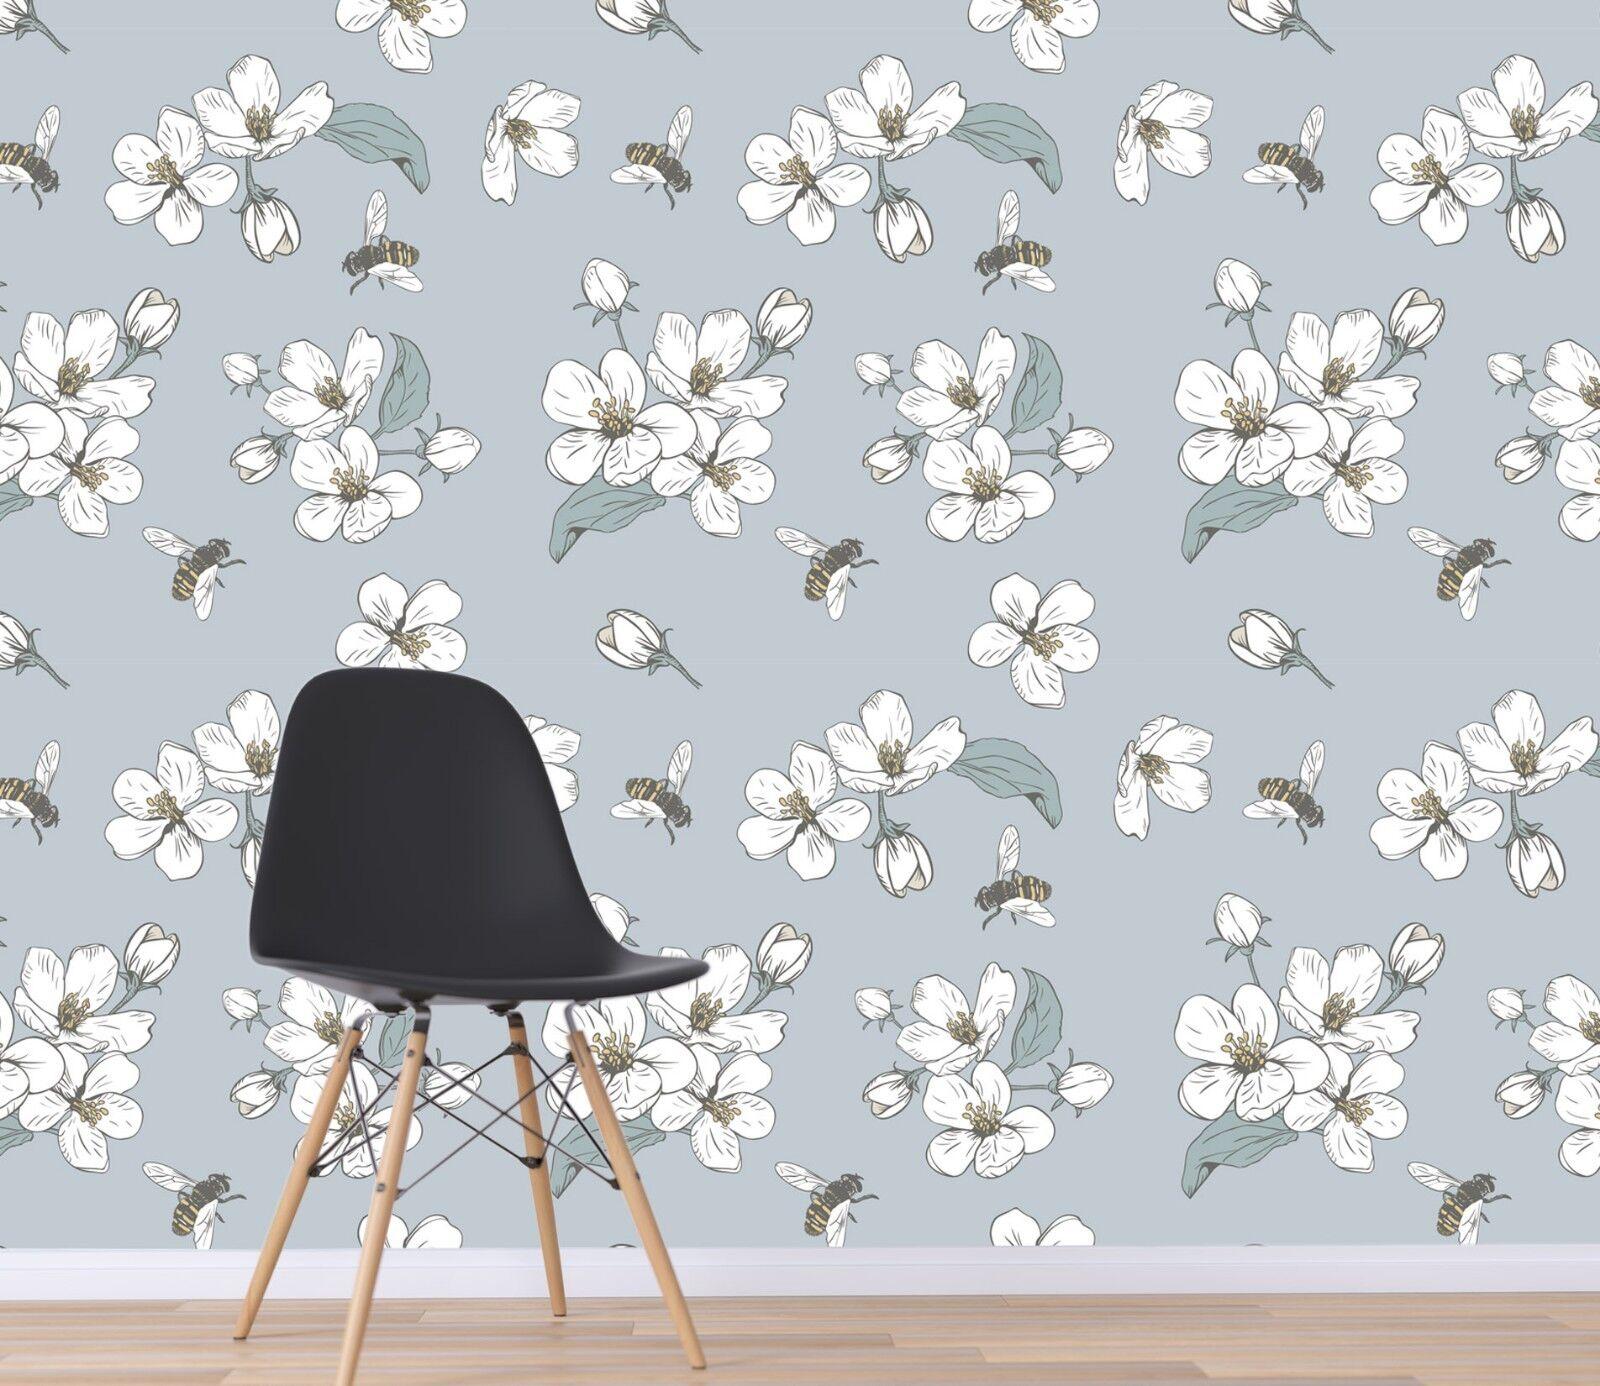 3D Weiß Flower 7029 Wallpaper Mural Paper Wall Print Indoor Murals CA Summer